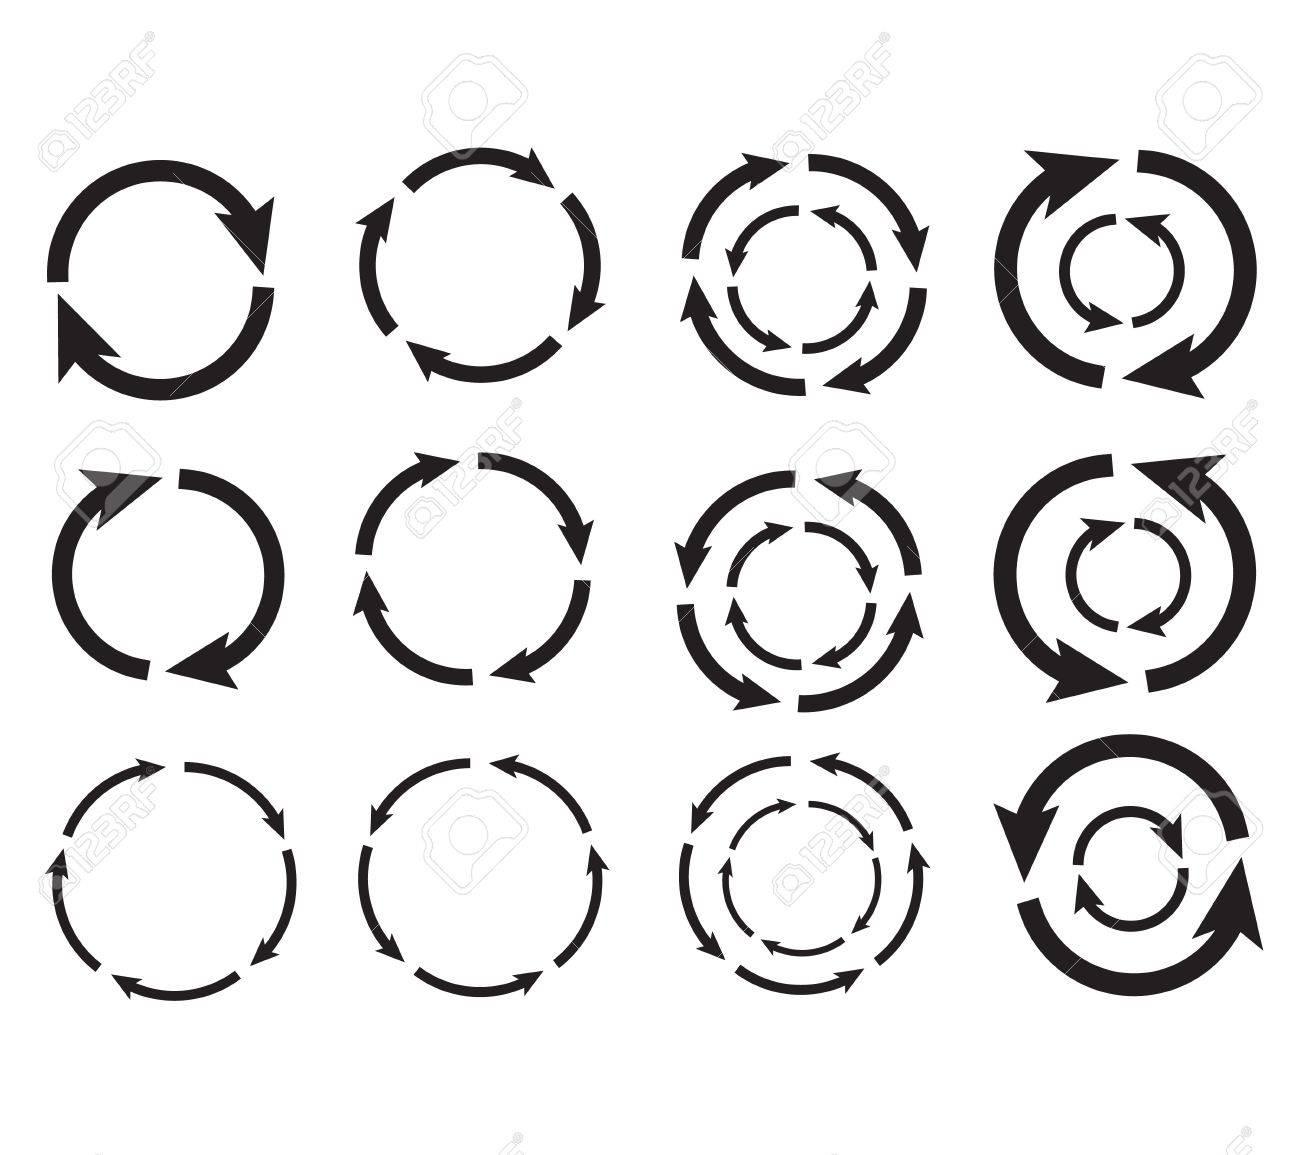 Arrow circle graphic design vector eps10 - 18302351